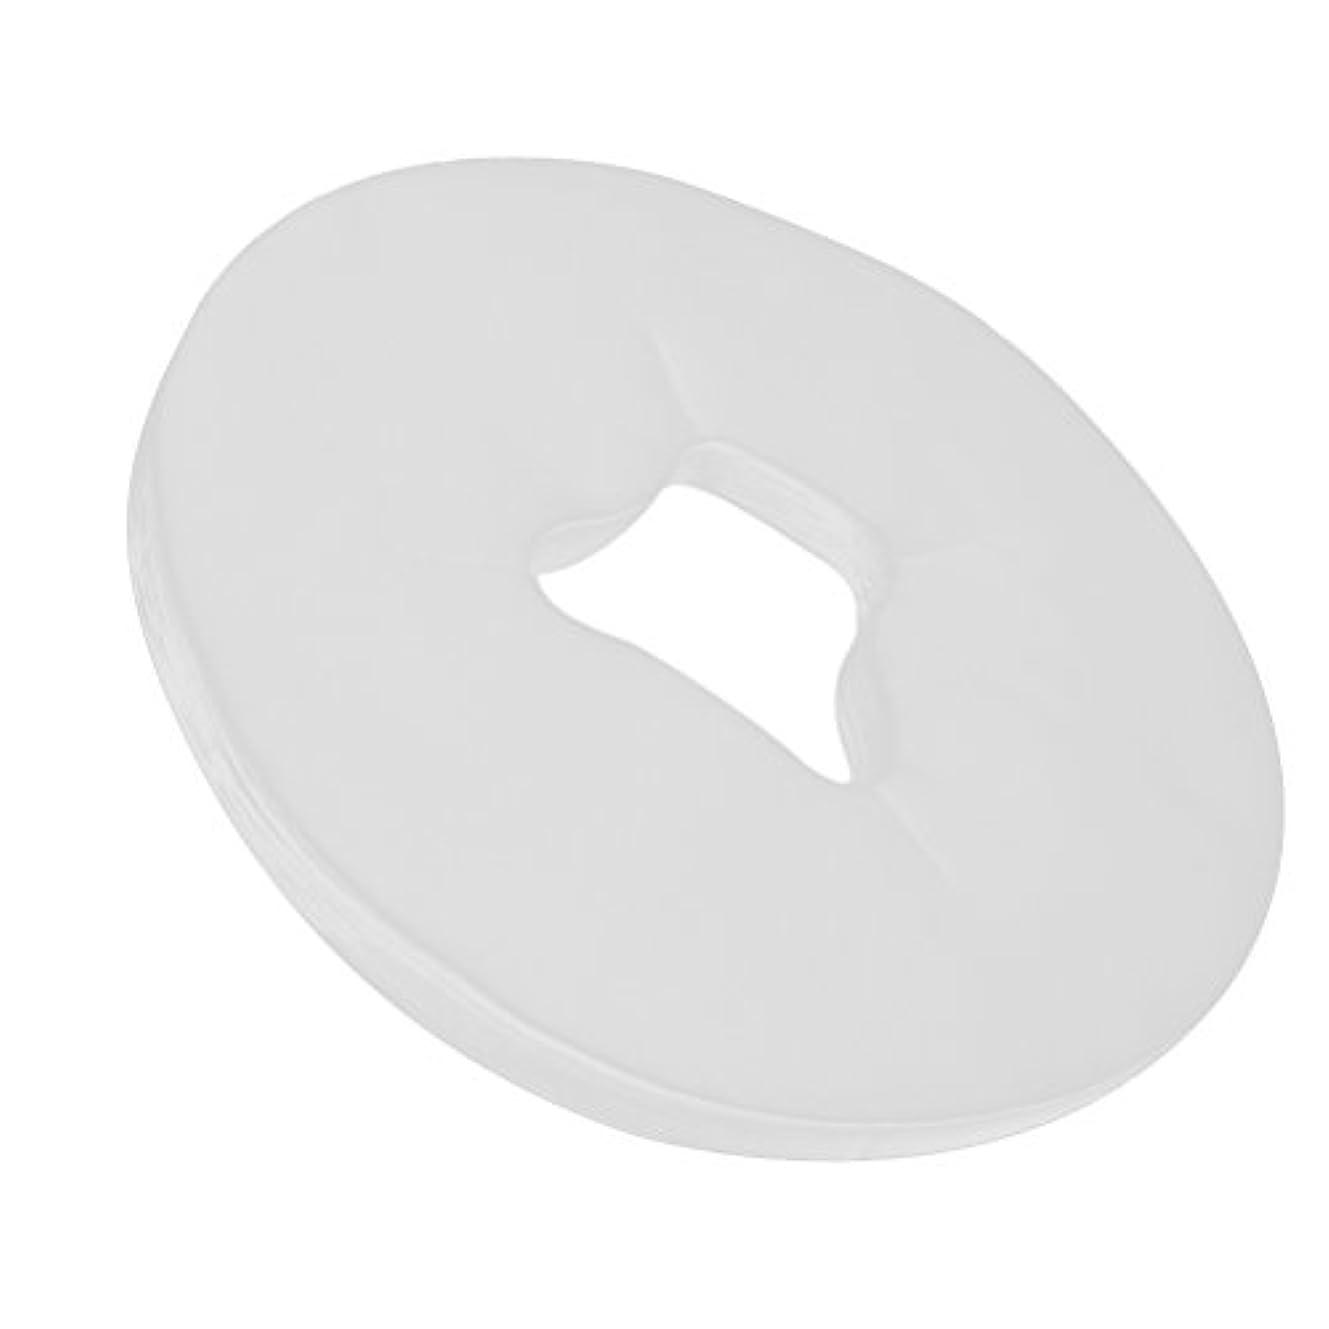 一時停止誰の昼間Healifty 100Pcs使い捨て可能な表面揺りかごはマッサージのテーブルのためのマッサージの表面残りカバーを覆います